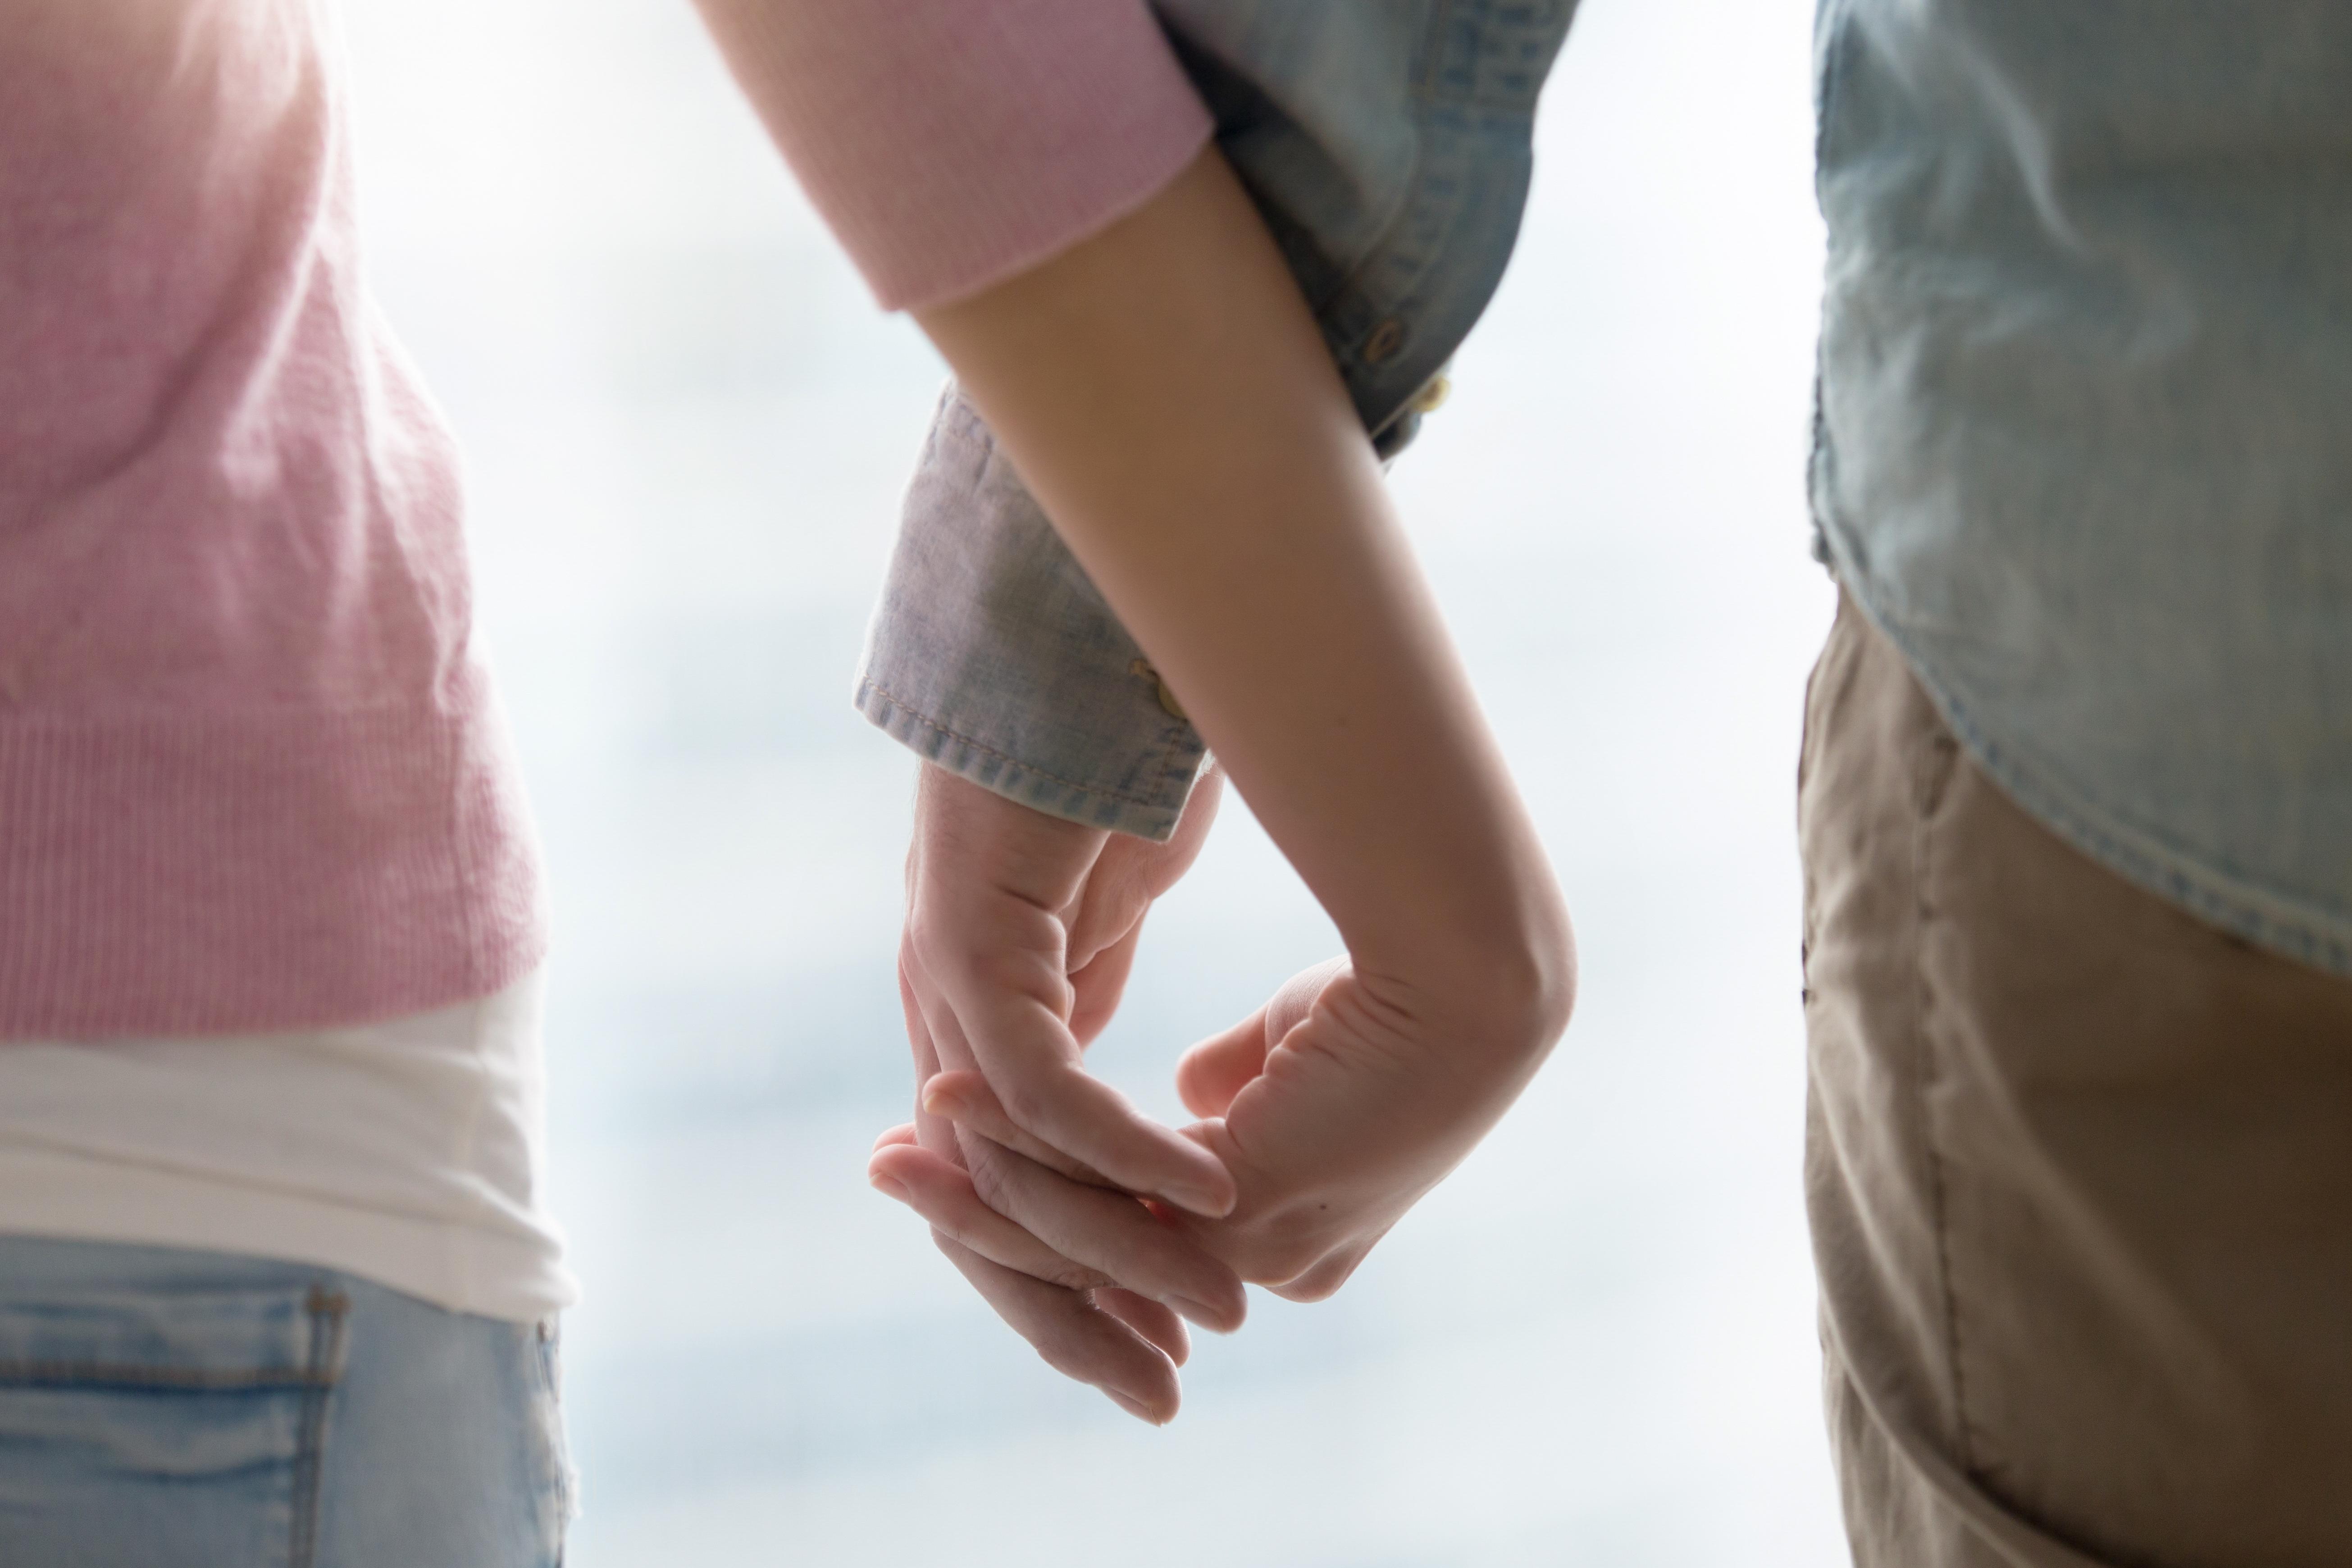 共享空間 共享生活 香港交友約會業總會 Hong Kong Speed Dating Federation - Speed Dating , 一對一約會, 單對單約會, 約會行業, 約會配對